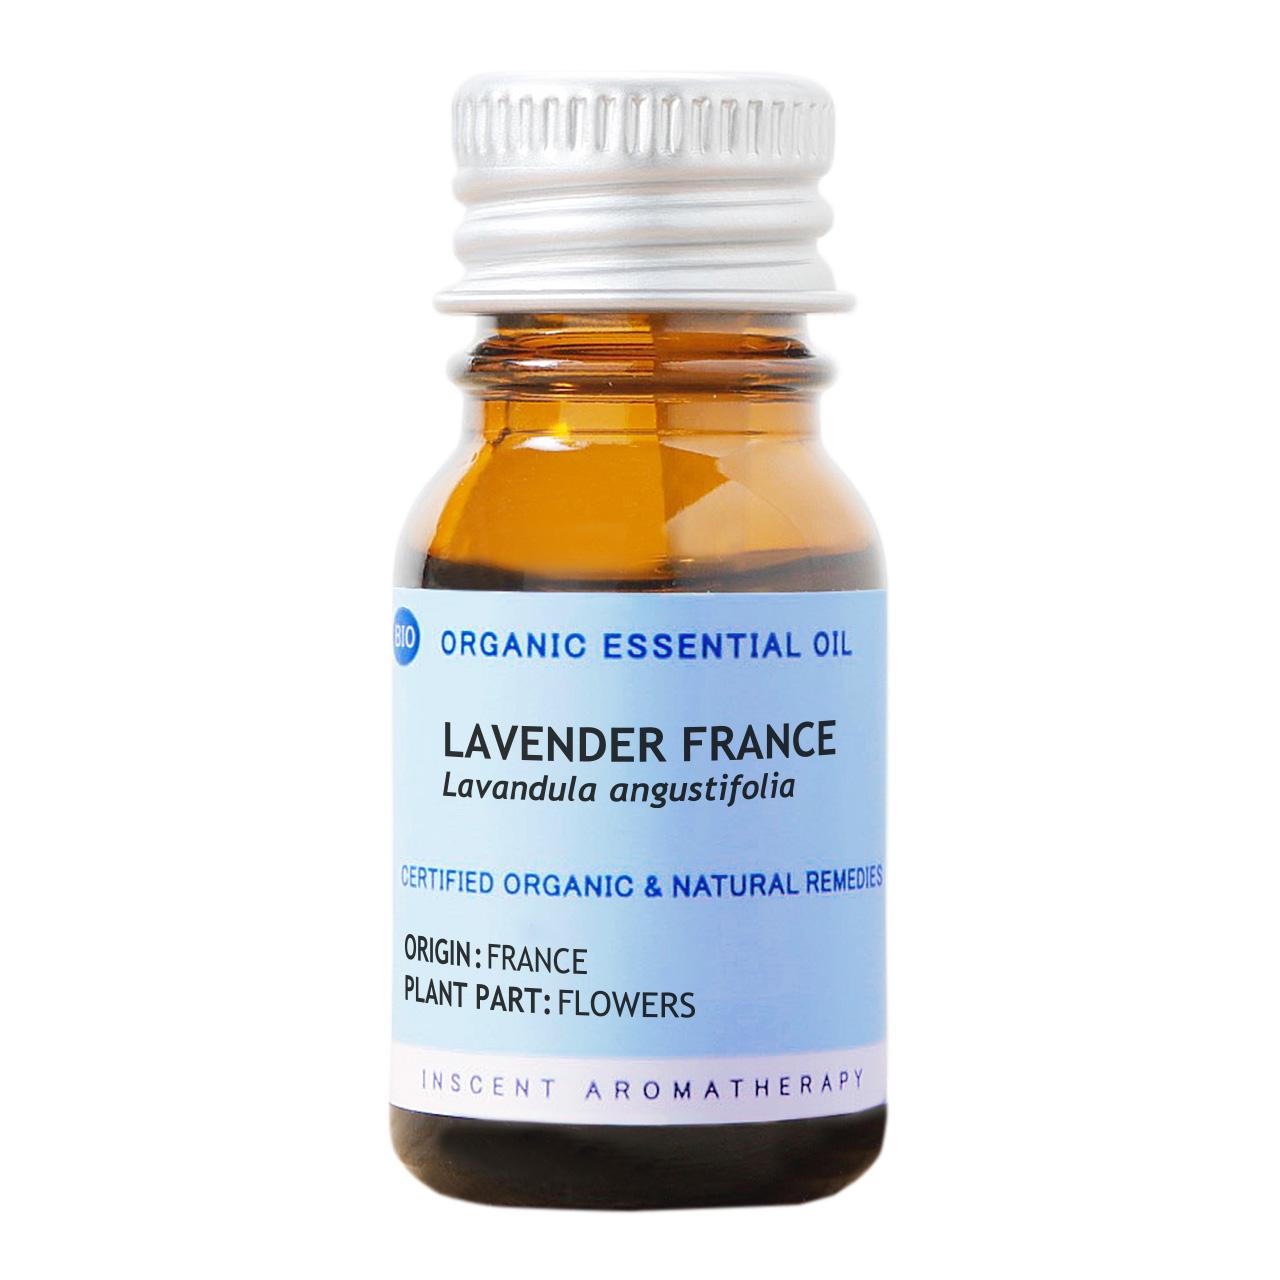 [オーガニック] ラベンダー・フランス 10ml インセントオーガニック エッセンシャルオイル 精油